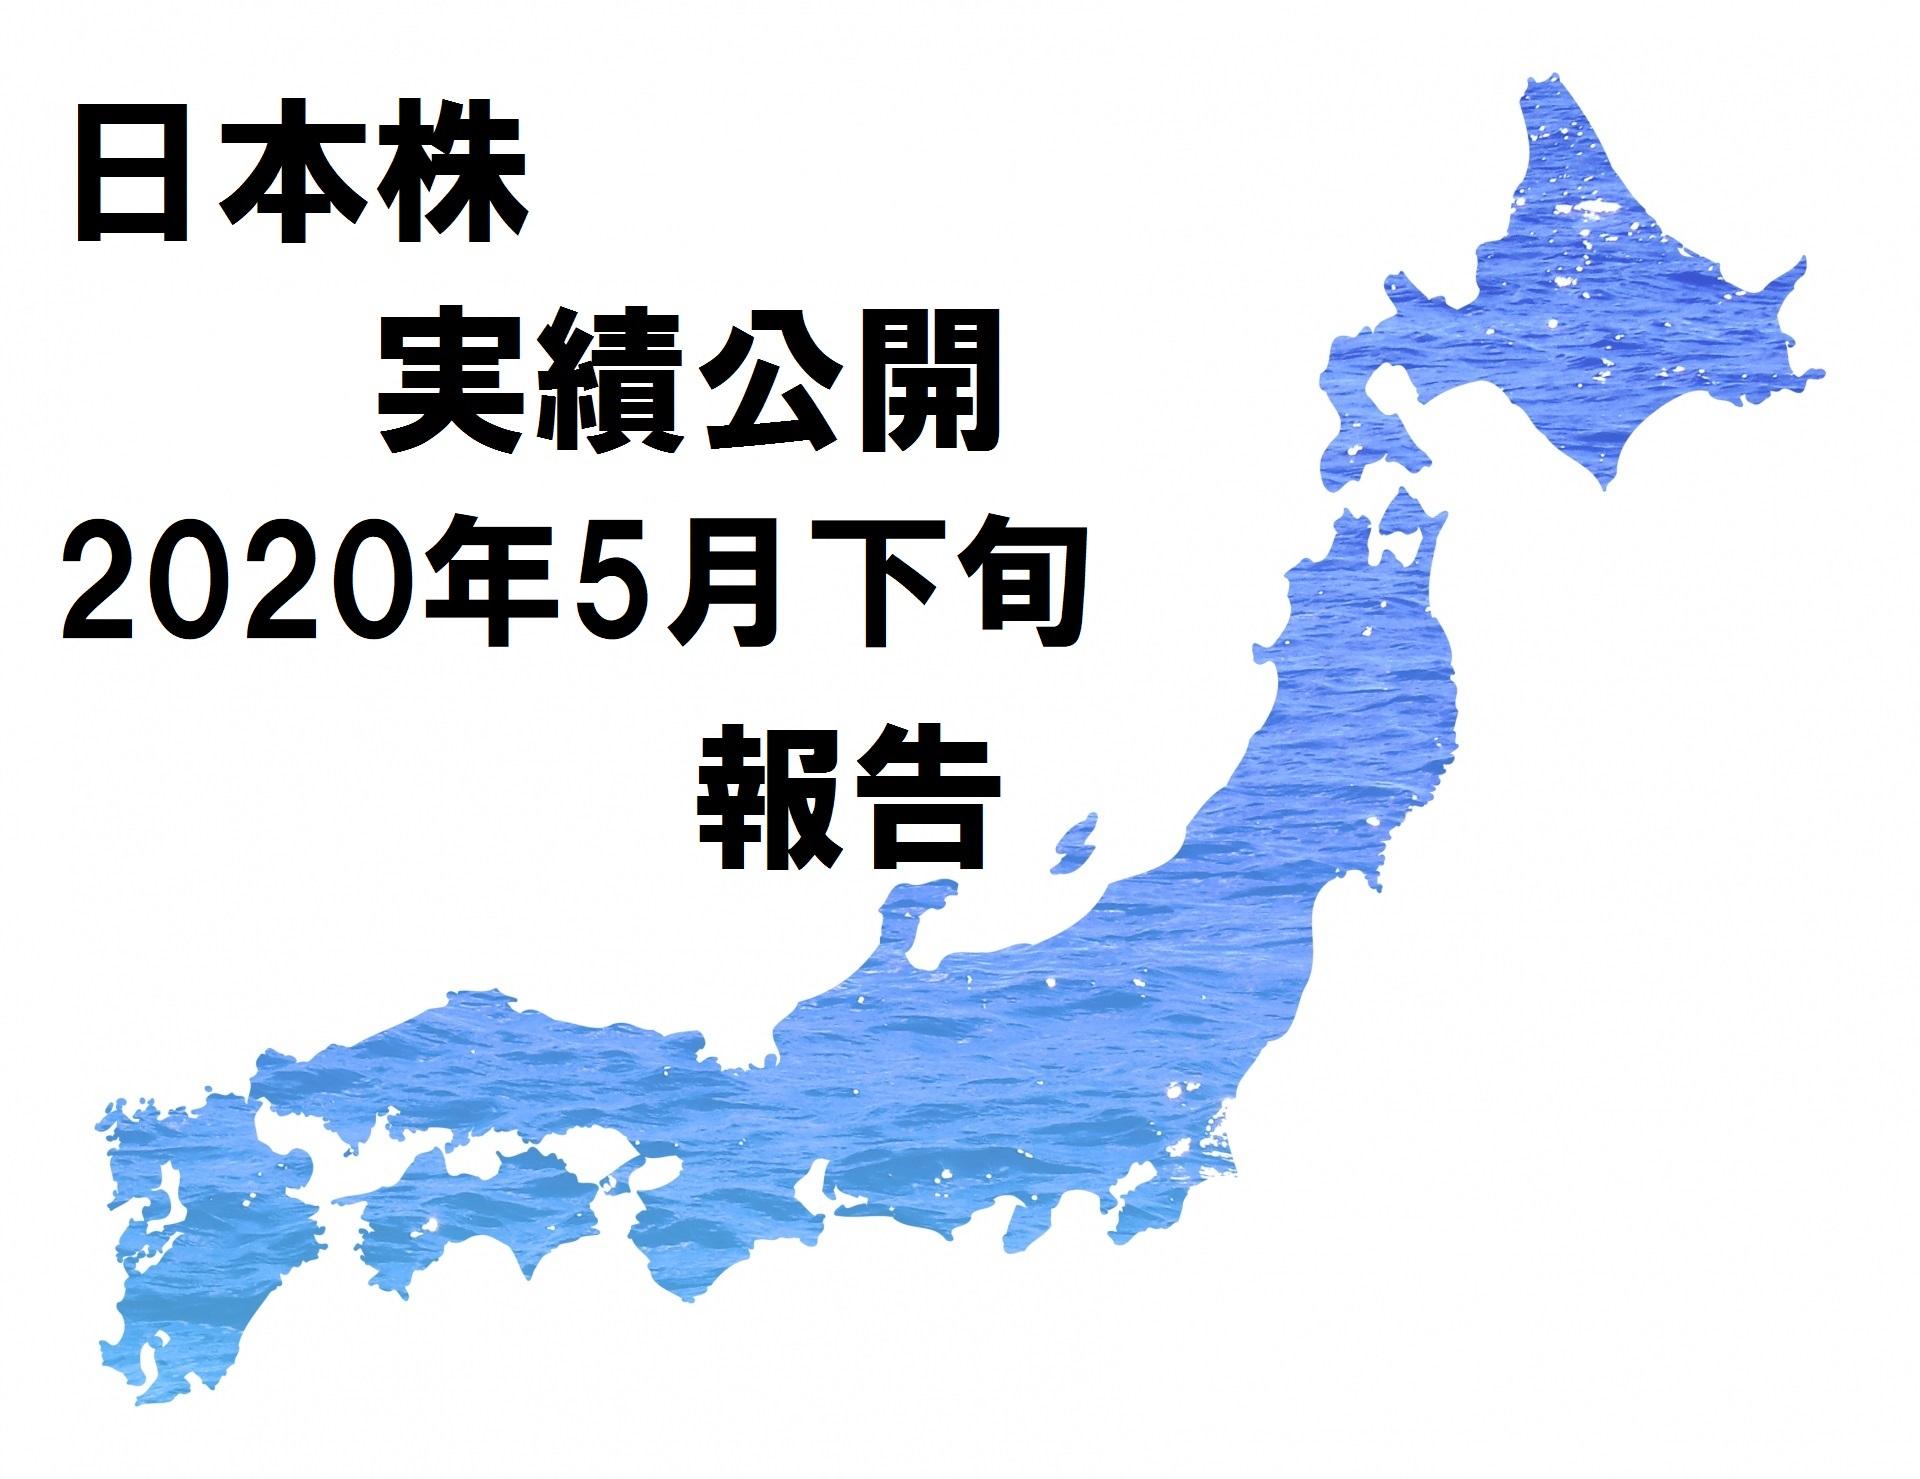 2020年5月下旬時点での日本株実績報告(急上昇して売り方を全て踏み上げていく相場